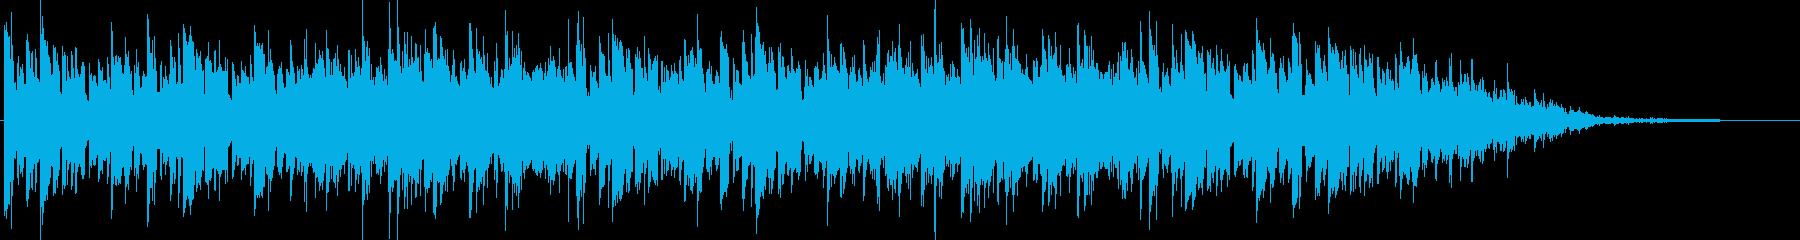 アンニュイなピアノメインBGMの再生済みの波形